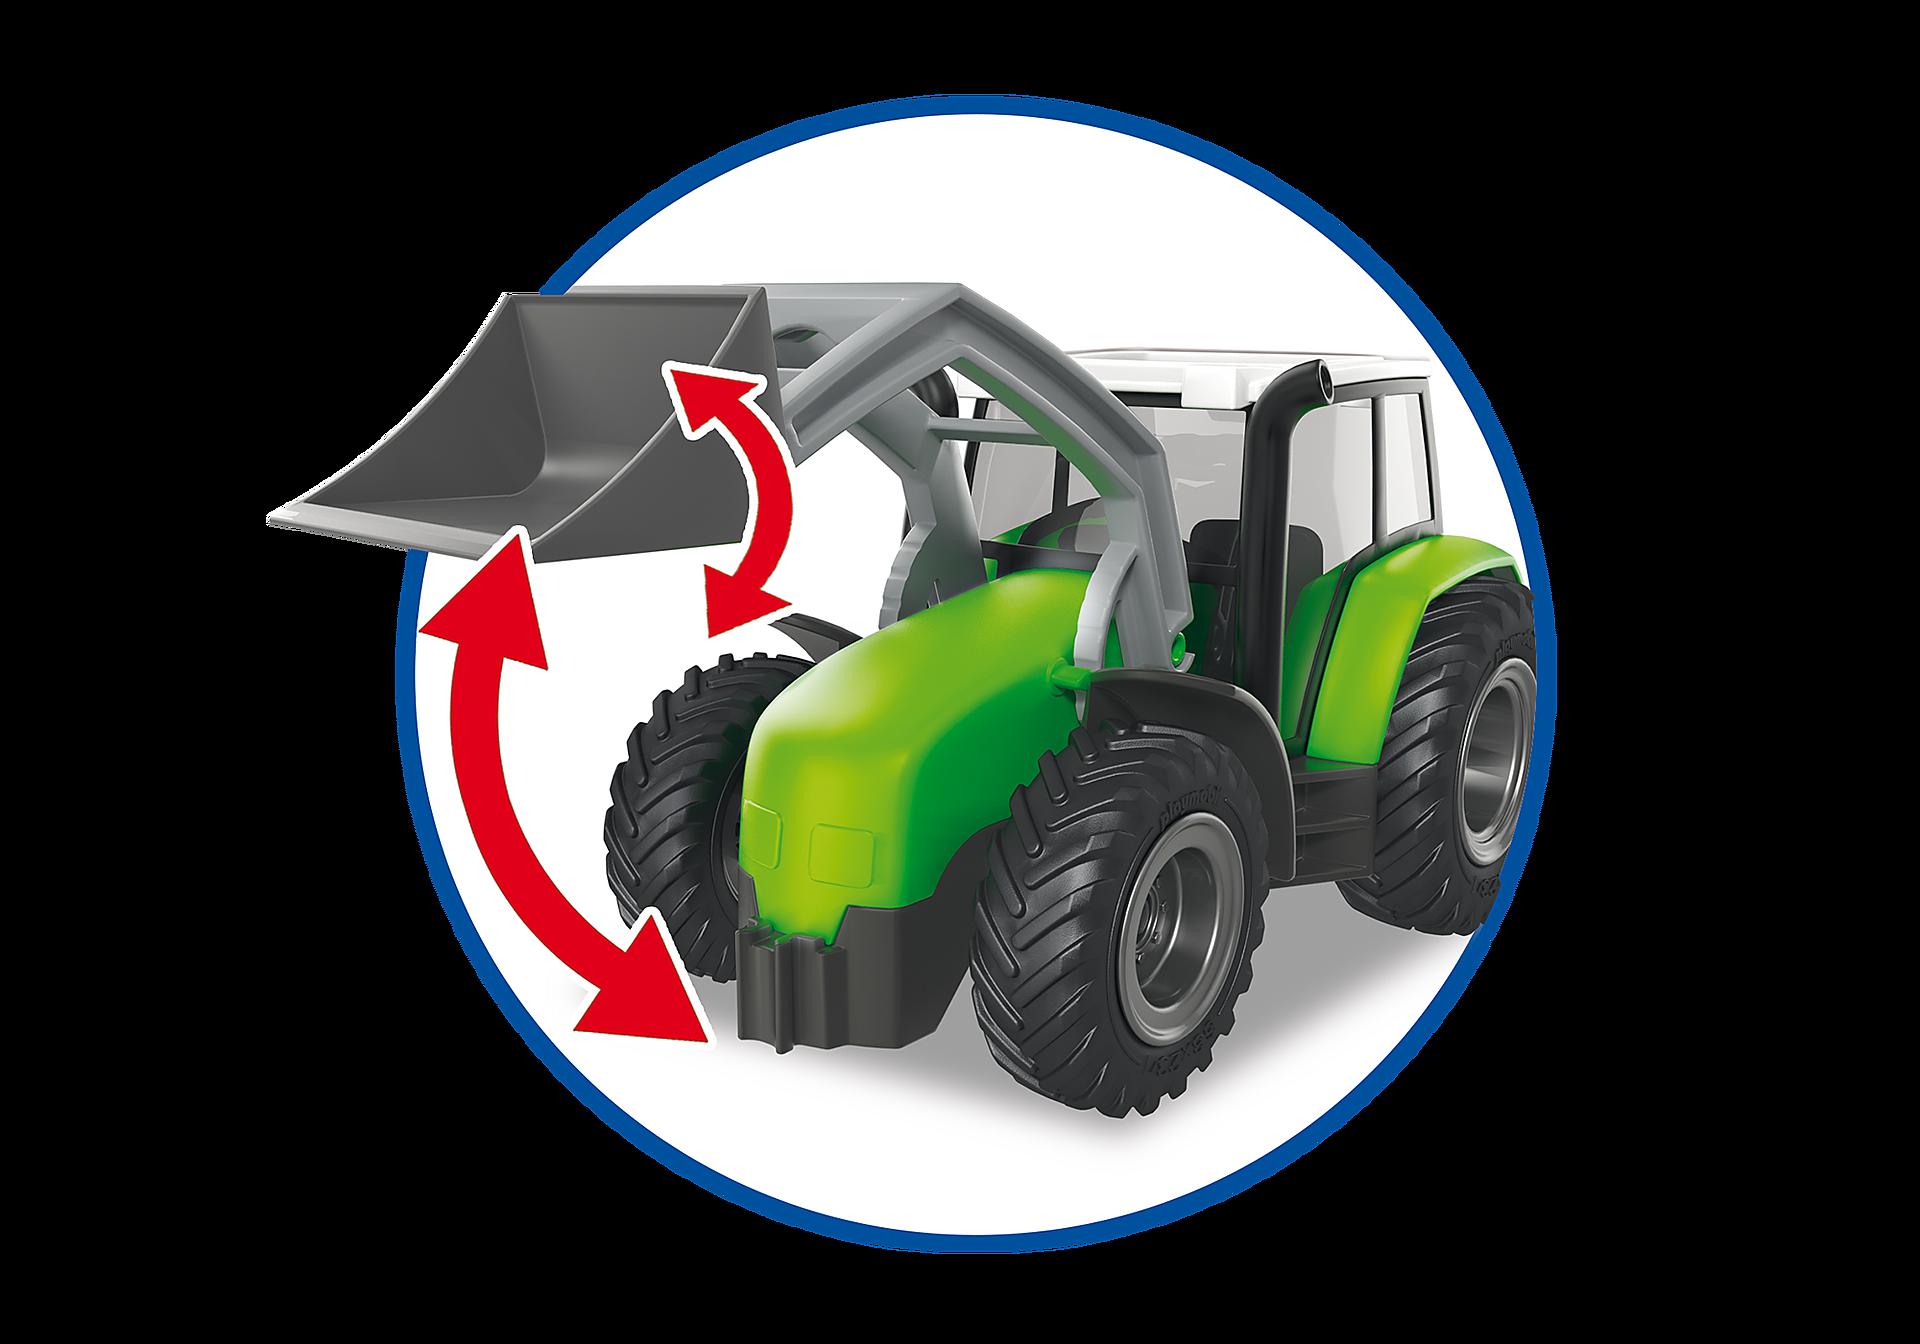 http://media.playmobil.com/i/playmobil/6130_product_extra5/Tractor met aanhangwagen